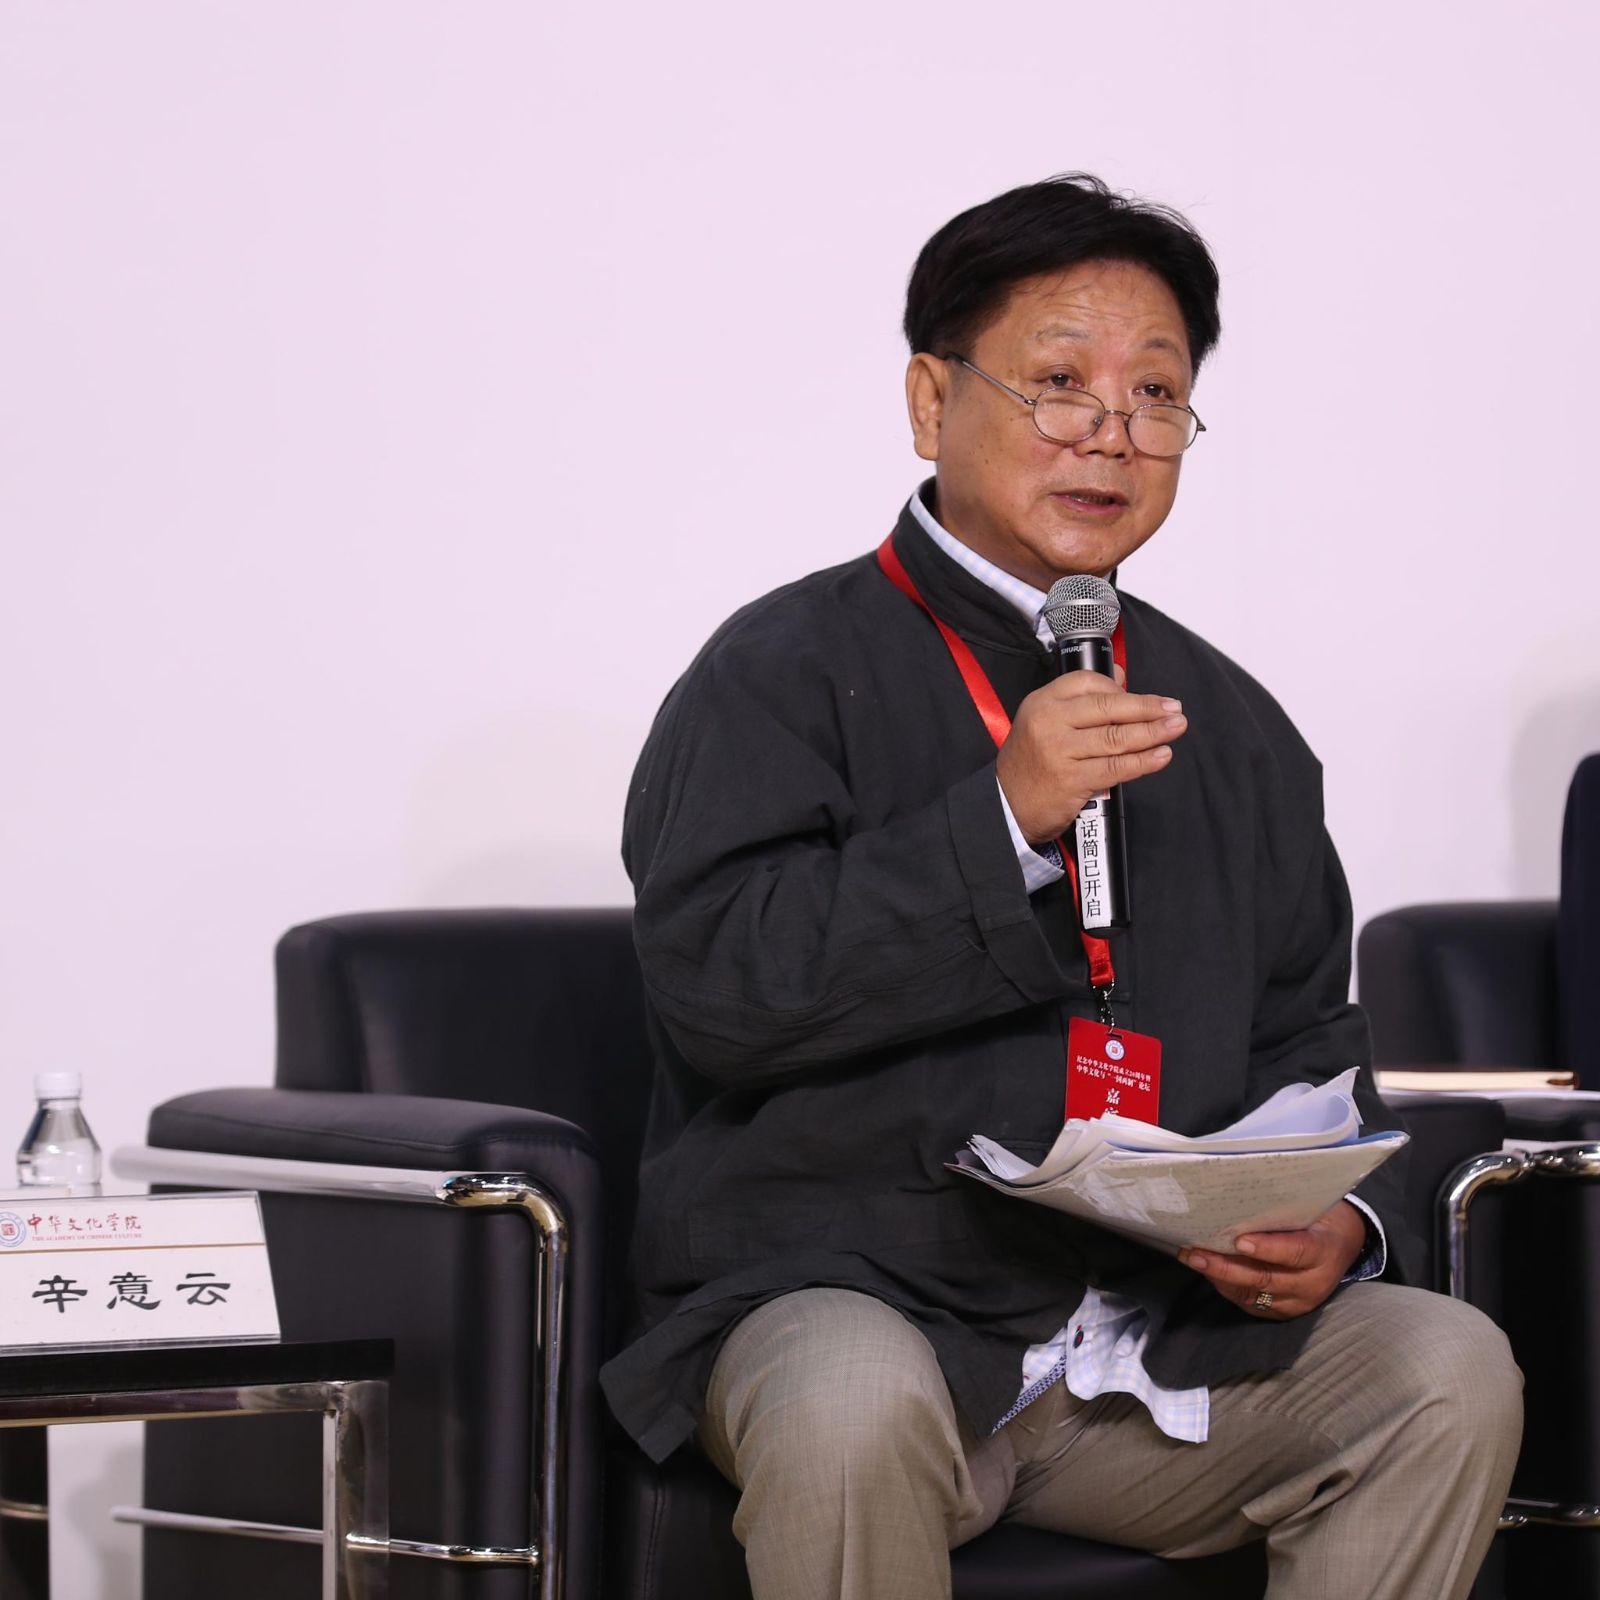 台北艺术大学教授表示大一统是中国人的理想